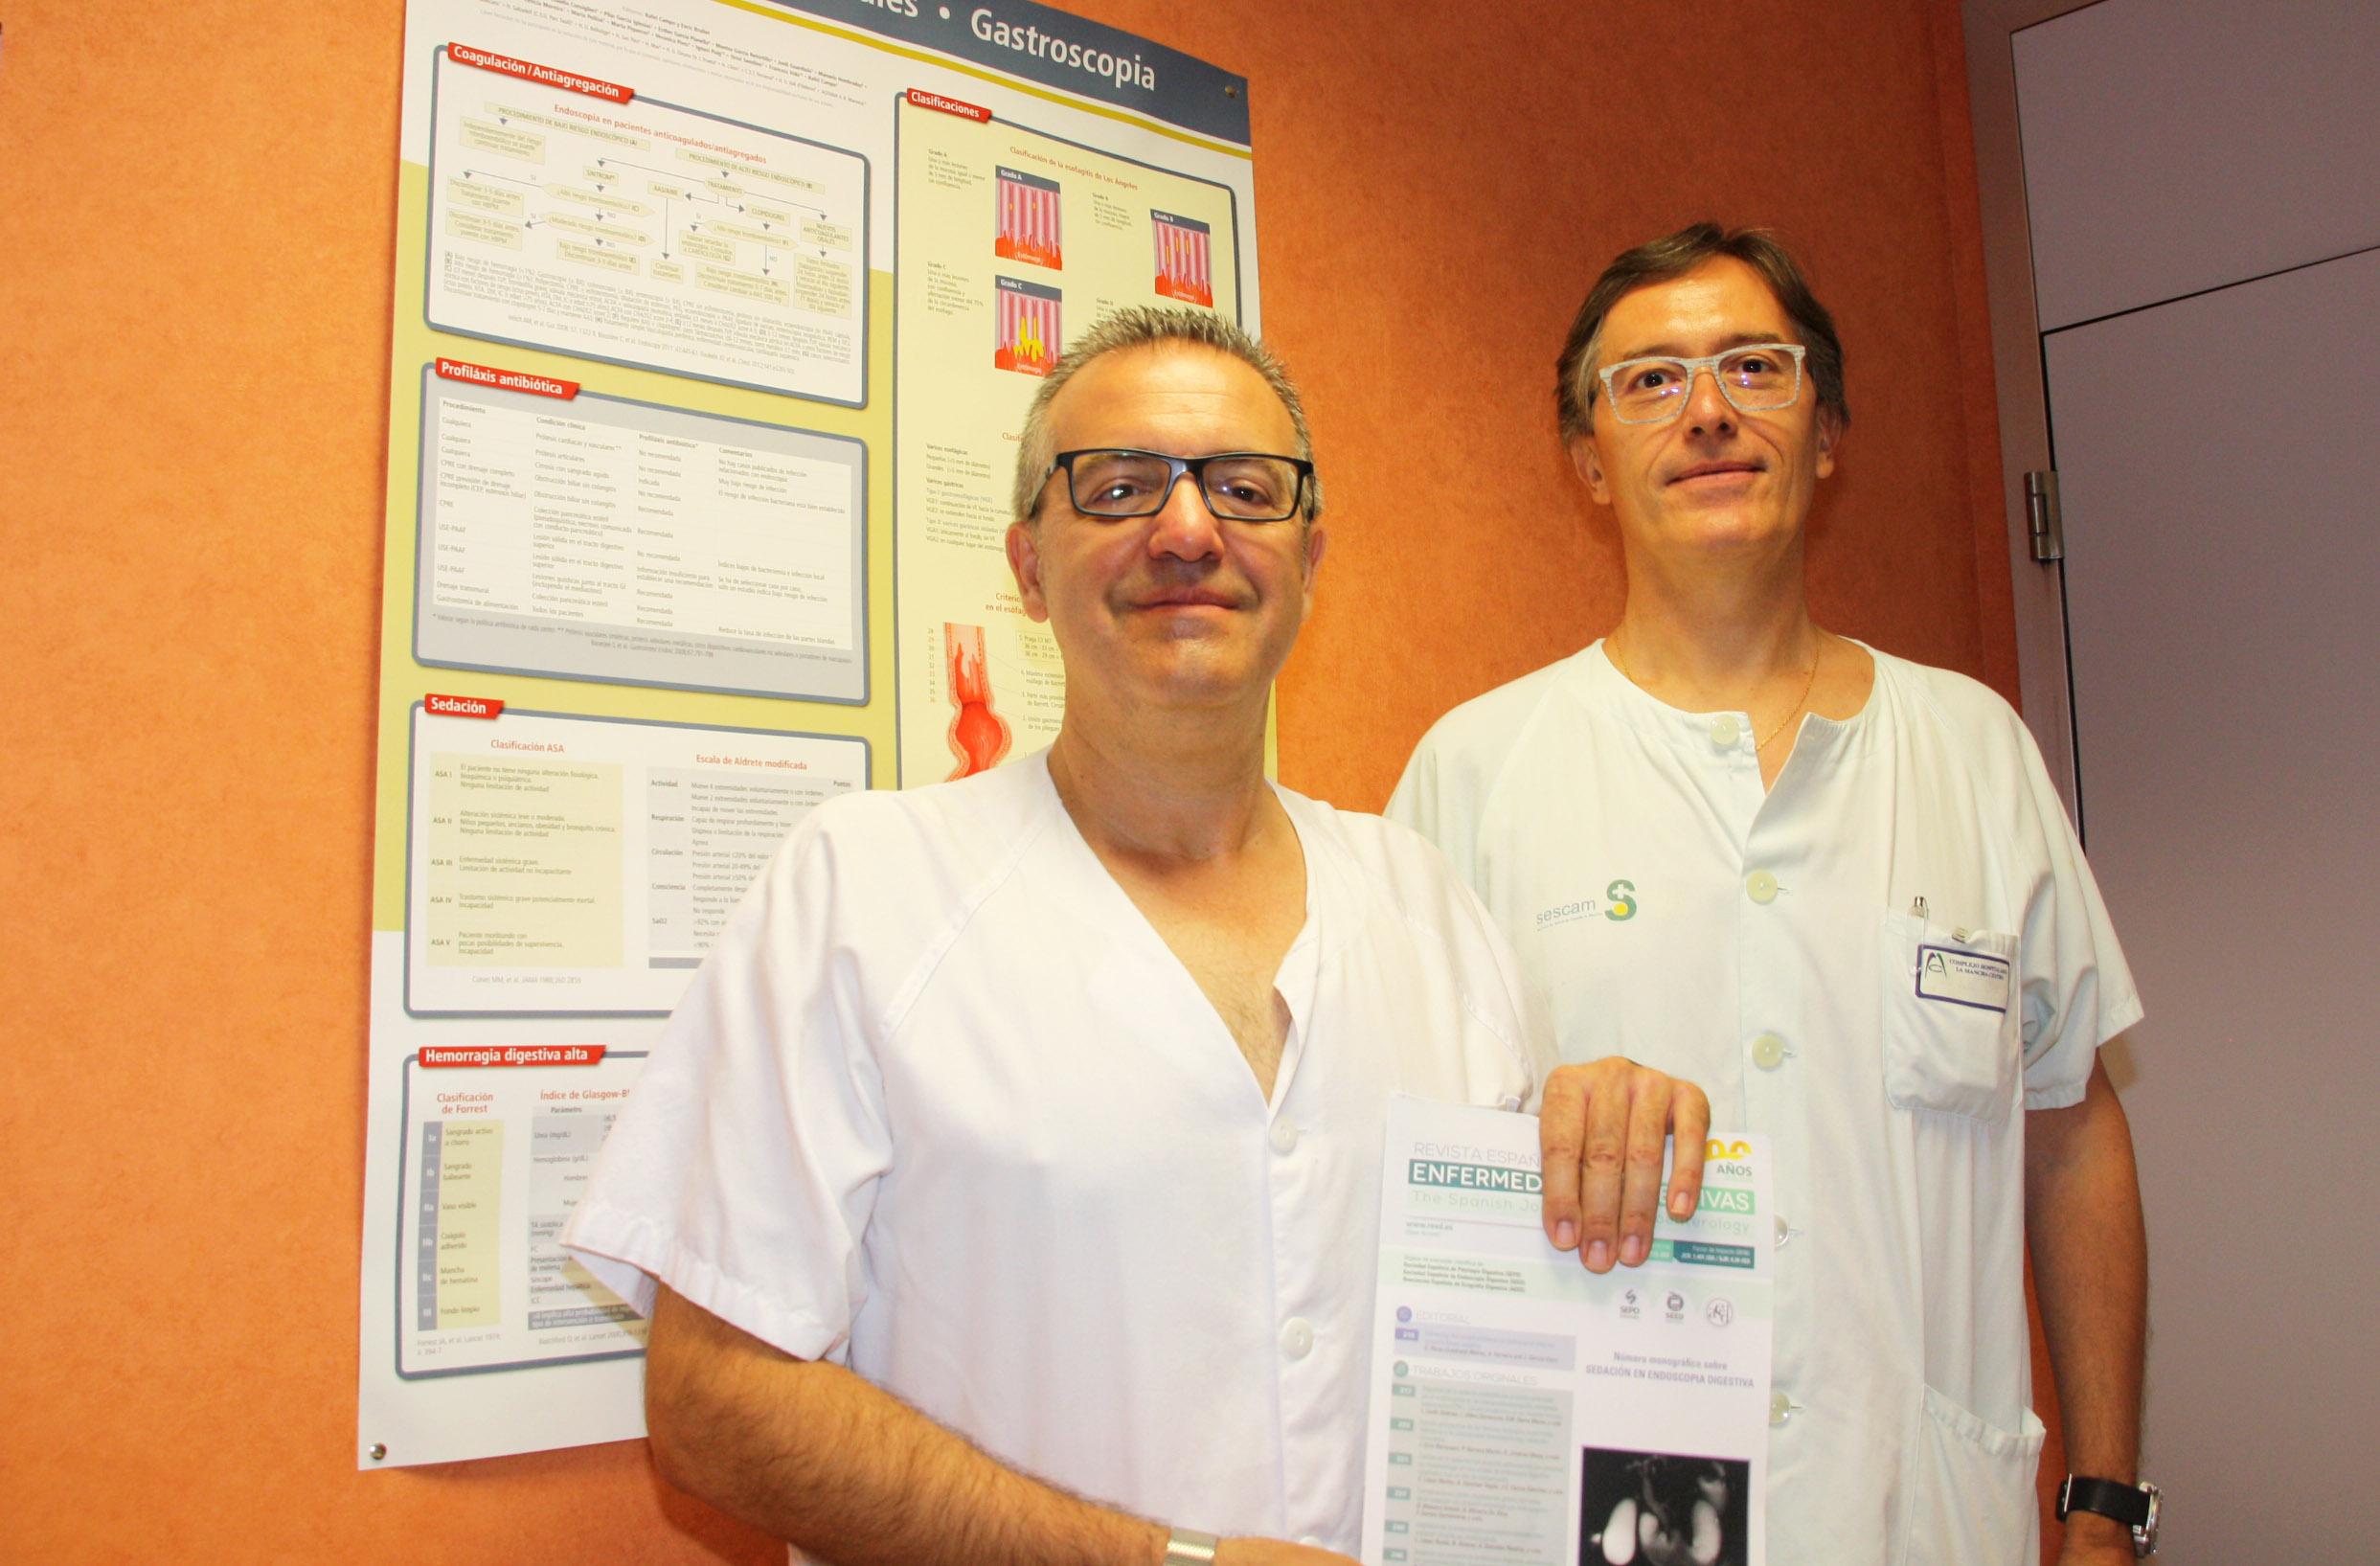 Dos facultativos del Hospital Mancha Centro publican un editorial sobre prótesis pancreáticas en una prestigiosa revista médica